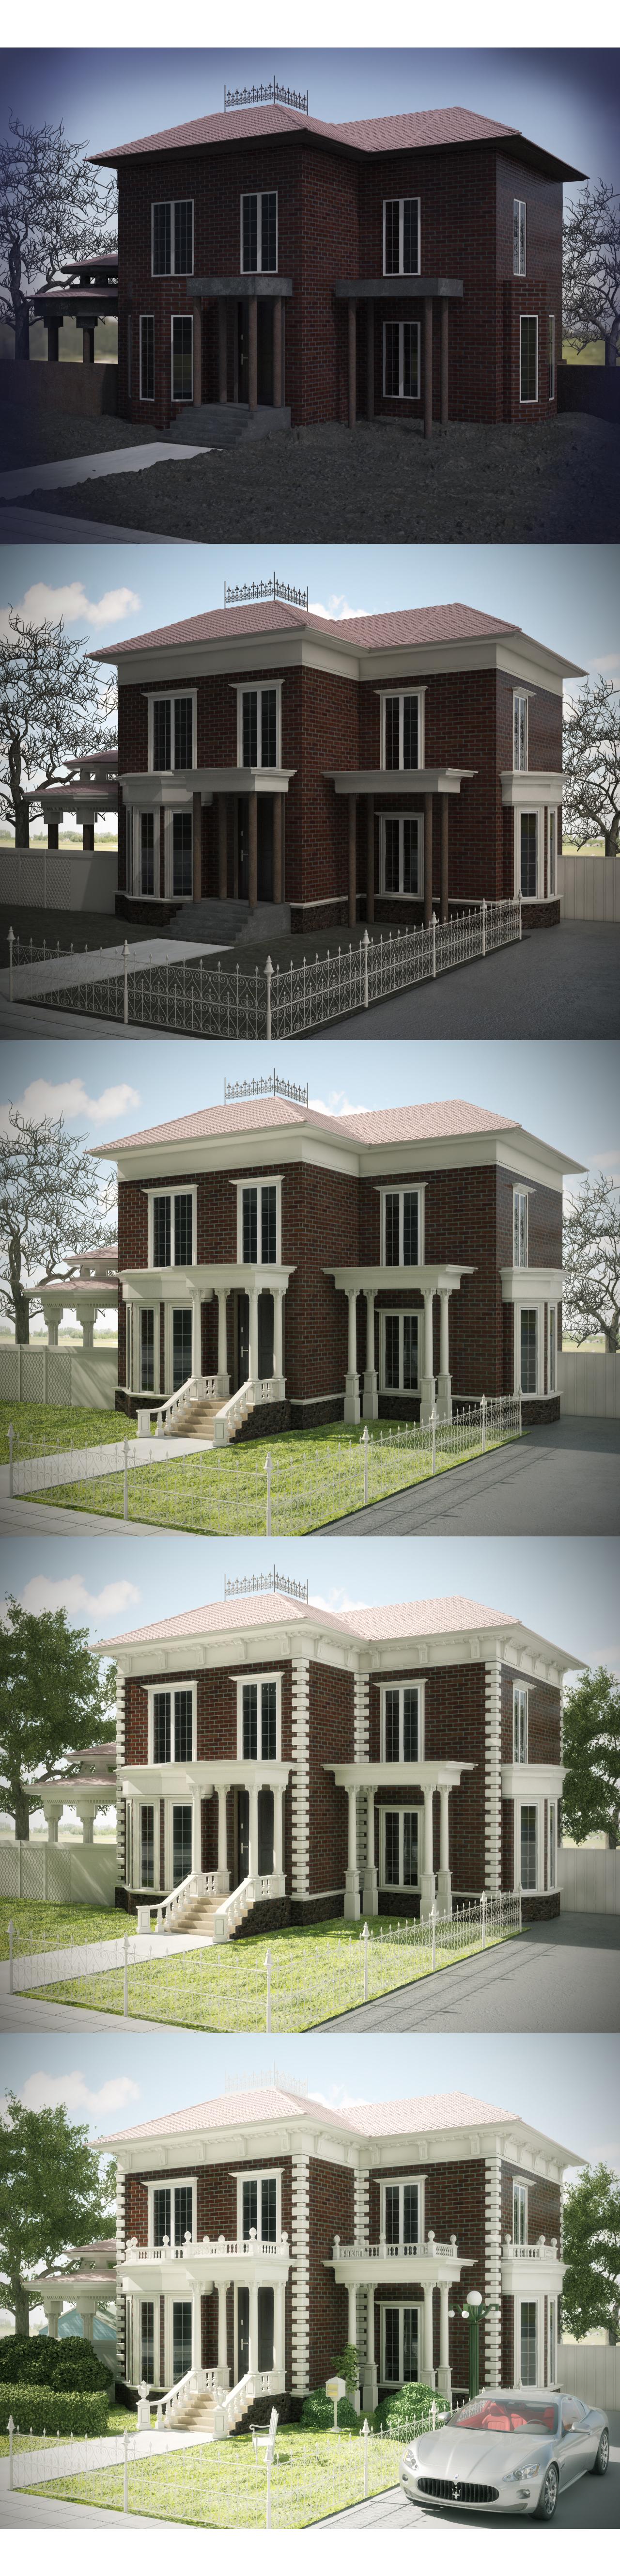 Этапы оформления фасада.